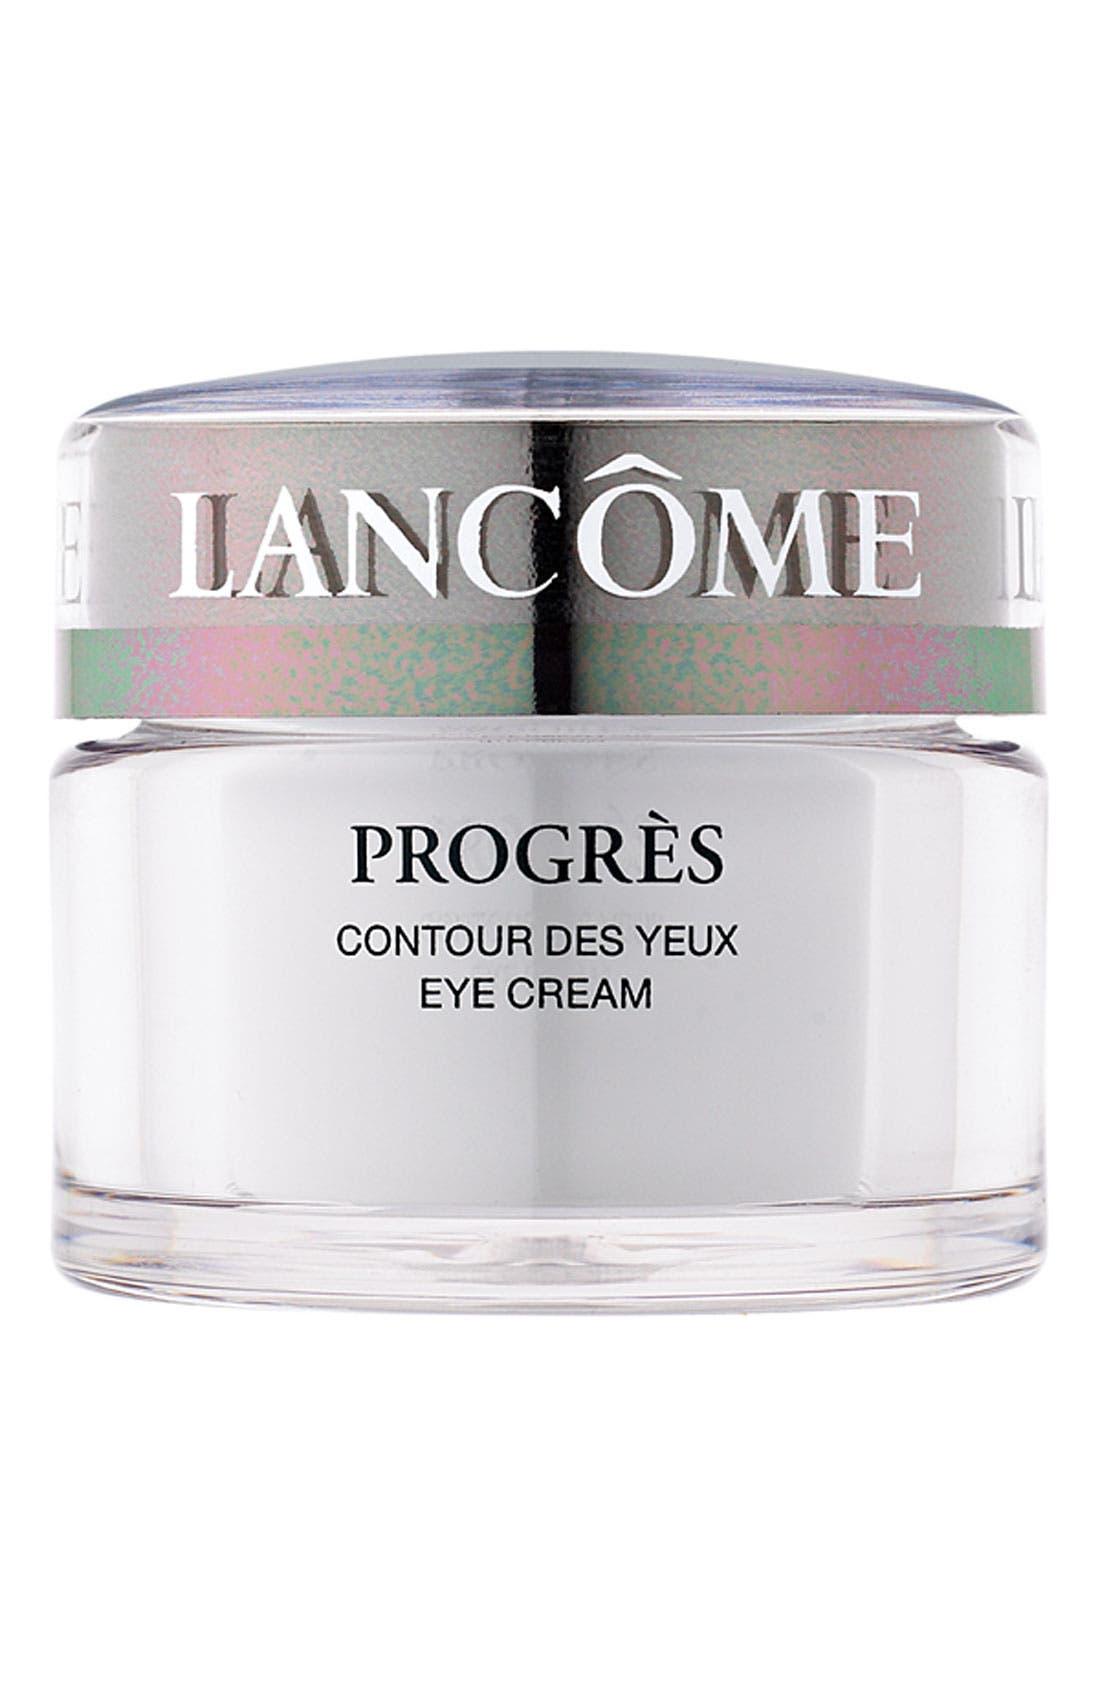 Lancôme Progrès Eye Cream